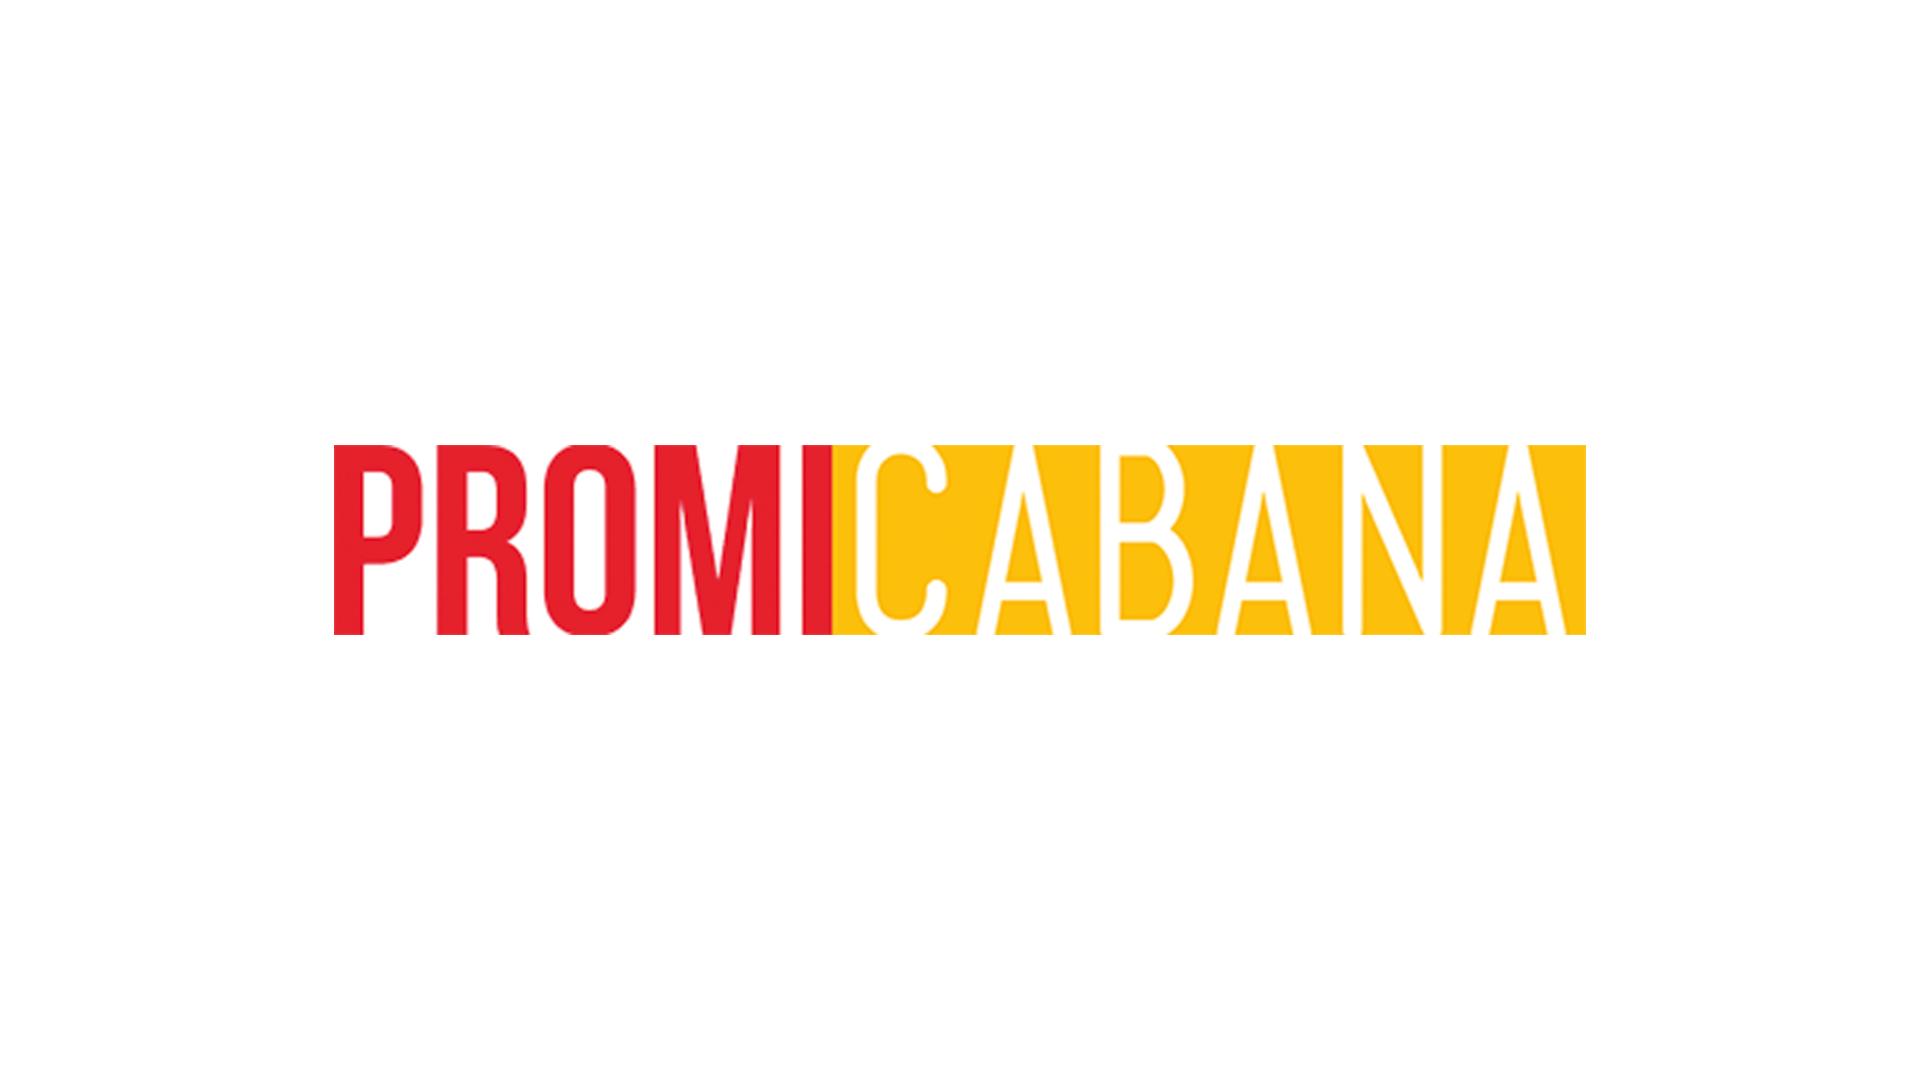 Carpool-Karaoke-Weihnachten-Mariah-Carey-Selena-Gomez-Lady-Gaga-Gwen-Stefani